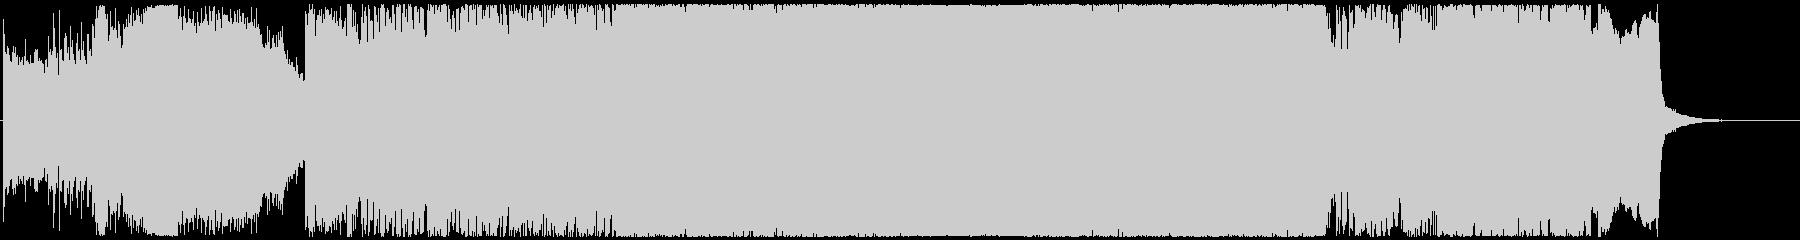 戦国城攻めのイメージ和風ハードロックの未再生の波形